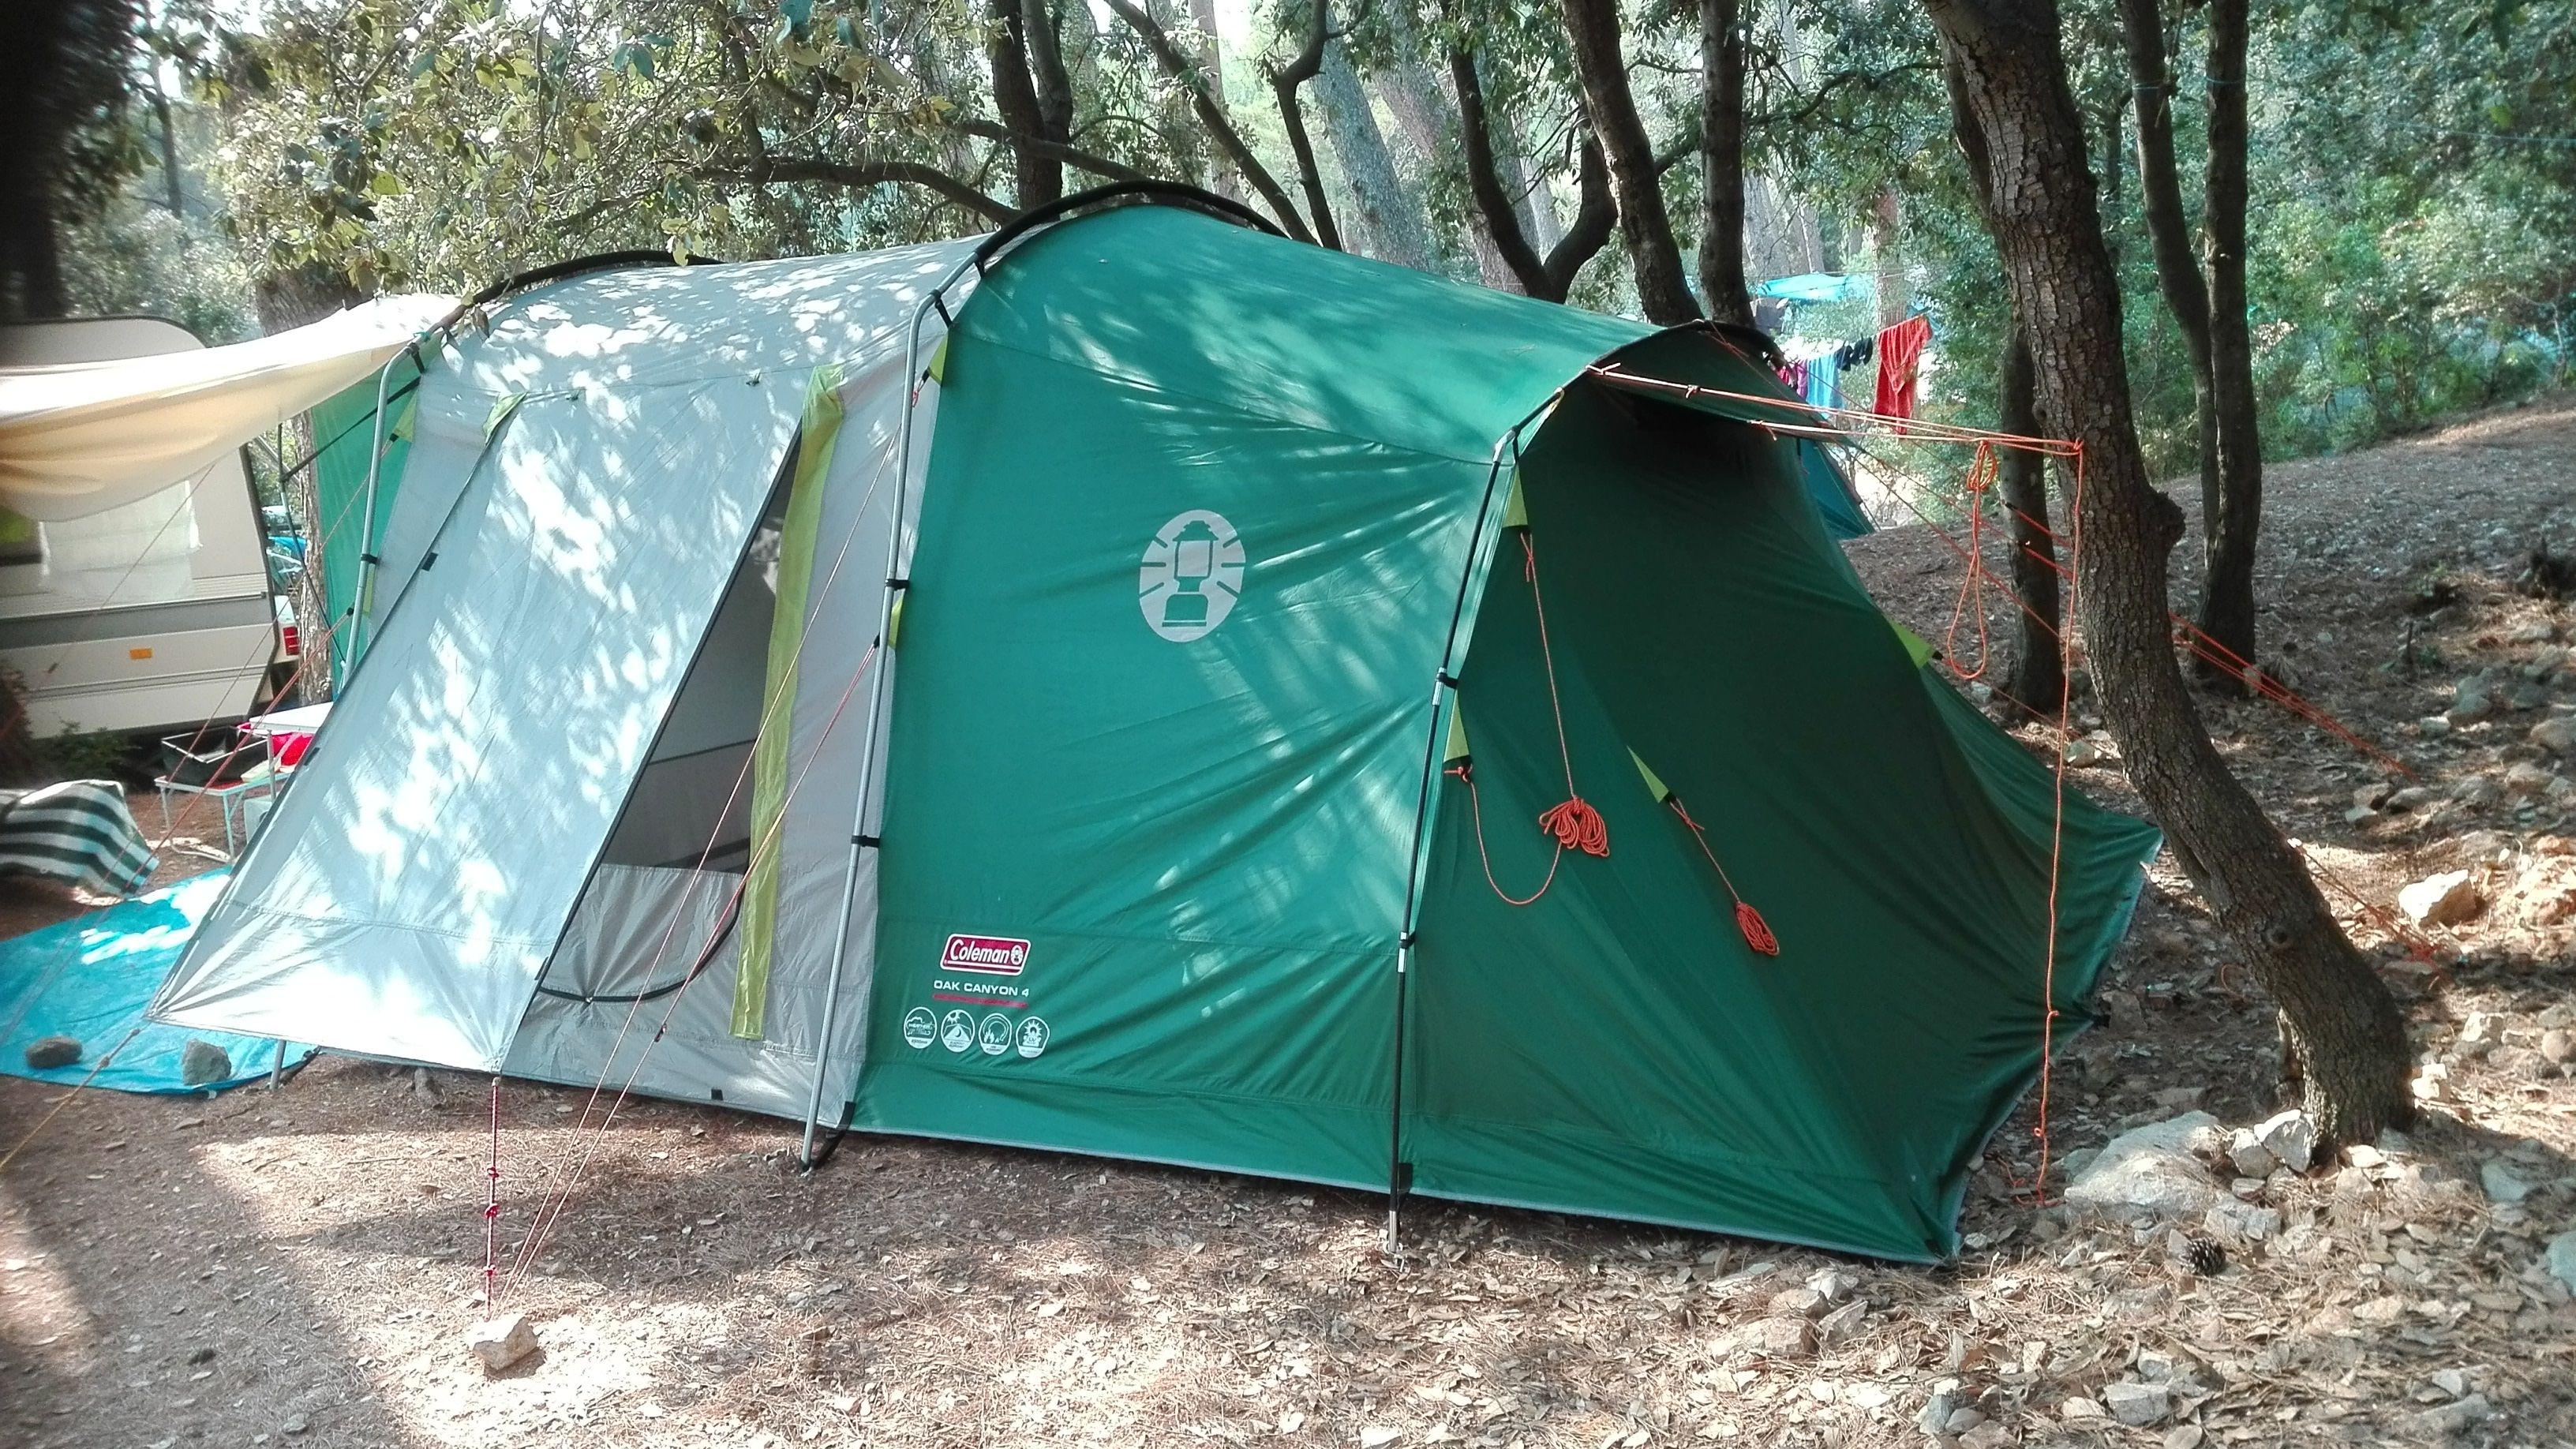 Coleman Oak Canyon šotor za 4 osebe & Coleman Oak Canyon šotor za 4 osebe | Tent | Pinterest | Tents